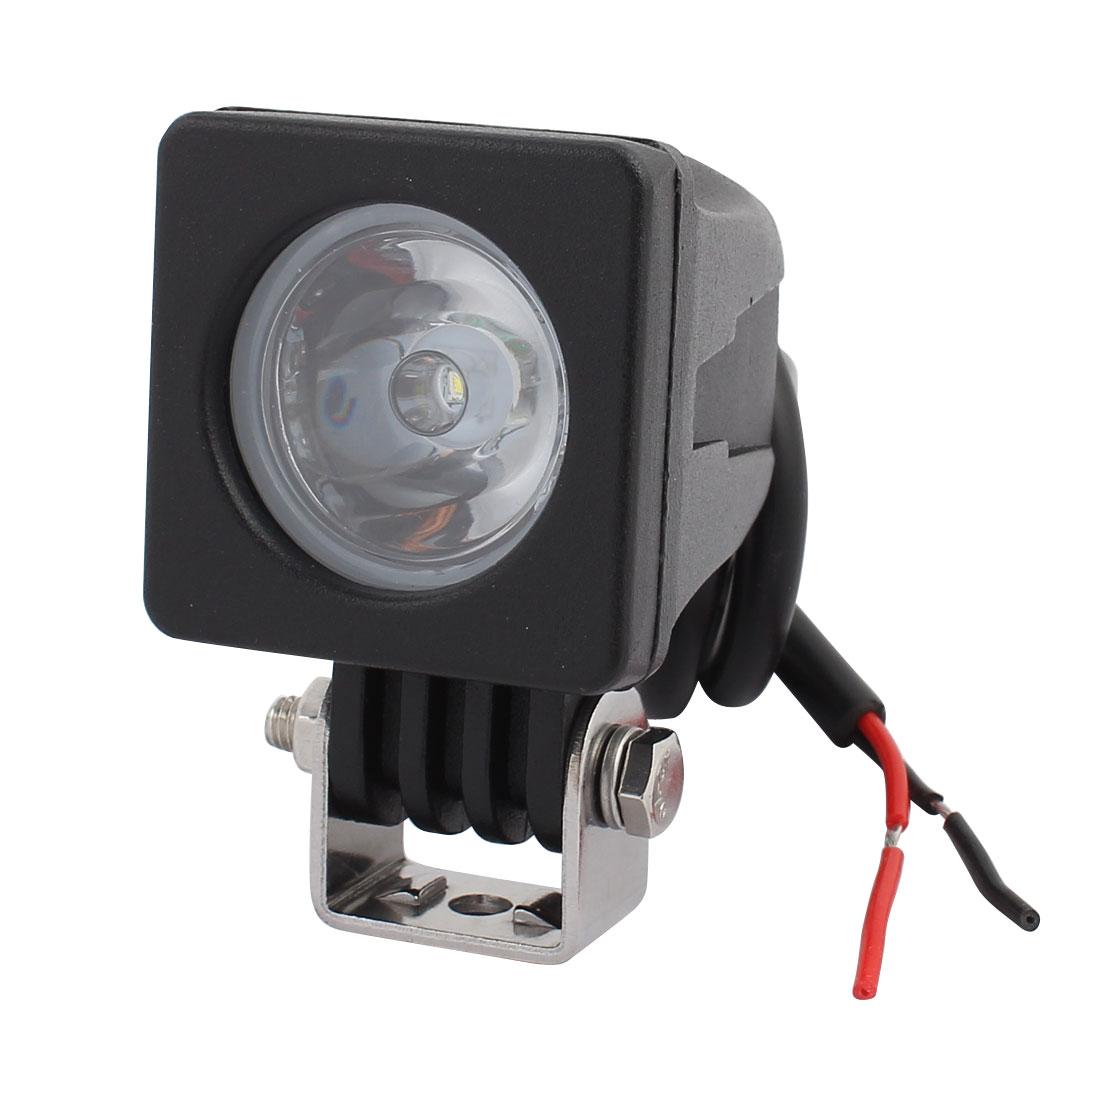 10W DC 9V-30V Single LED Bulb Spotlight Working Lamp for Hotel Hall Lighting